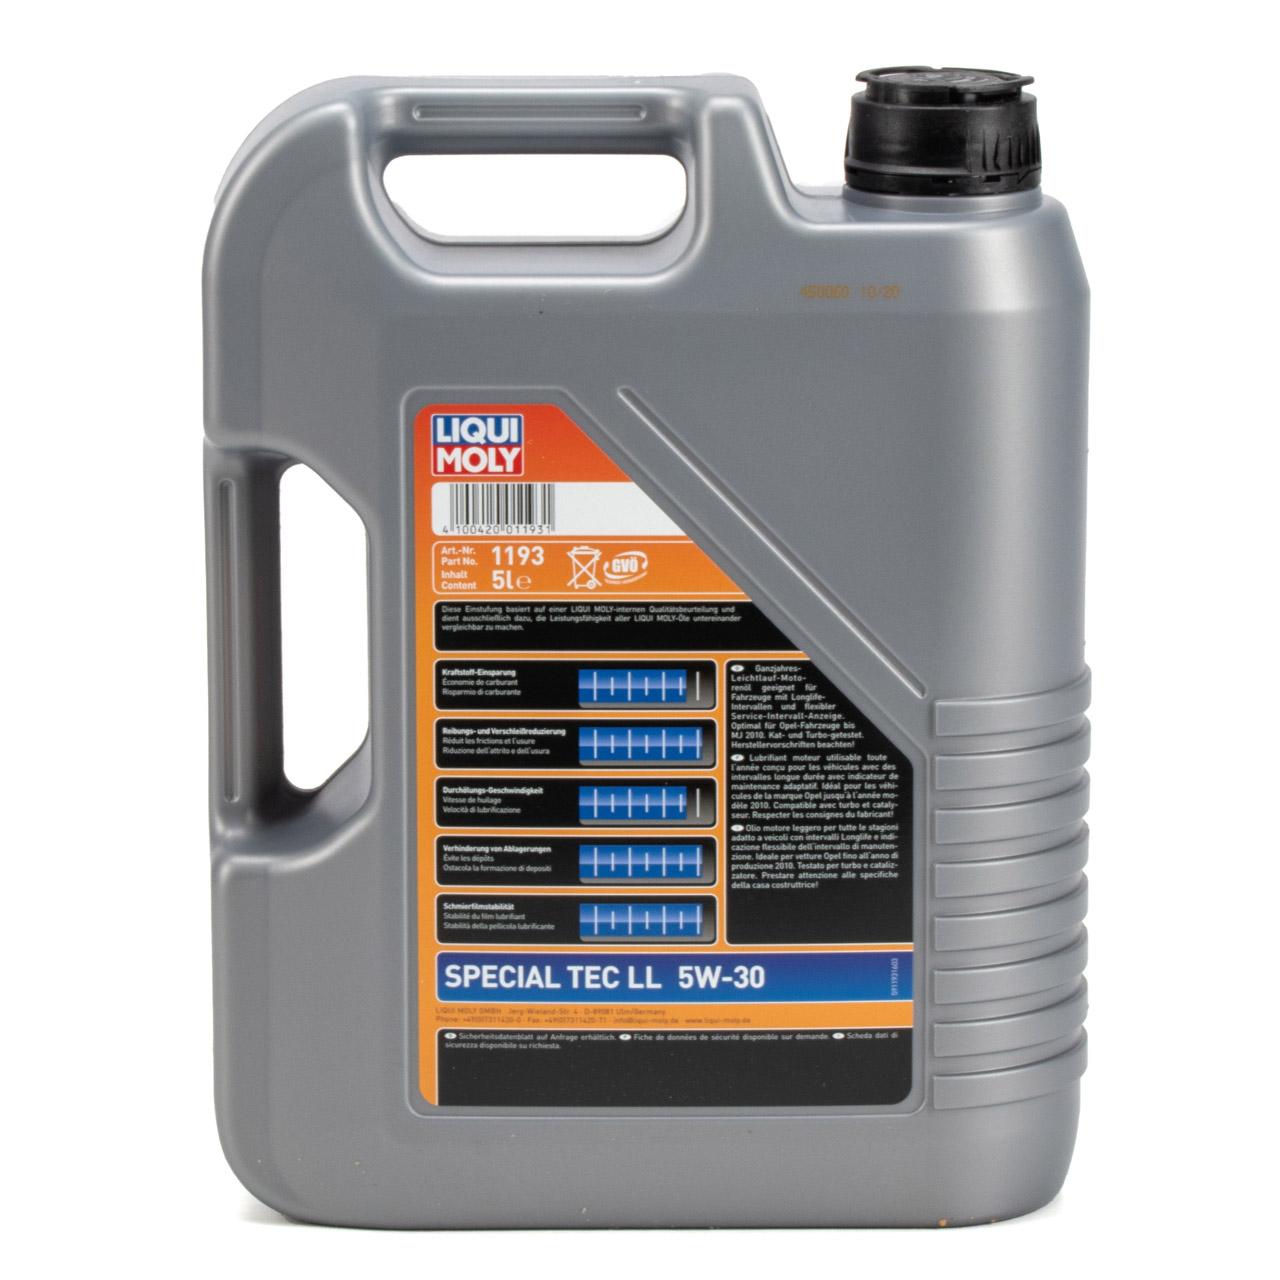 LIQUI MOLY Motoröl Öl SPECIAL TEC LL 5W30 MB 229.5 VW 502/505.00 - 5L 5 Liter